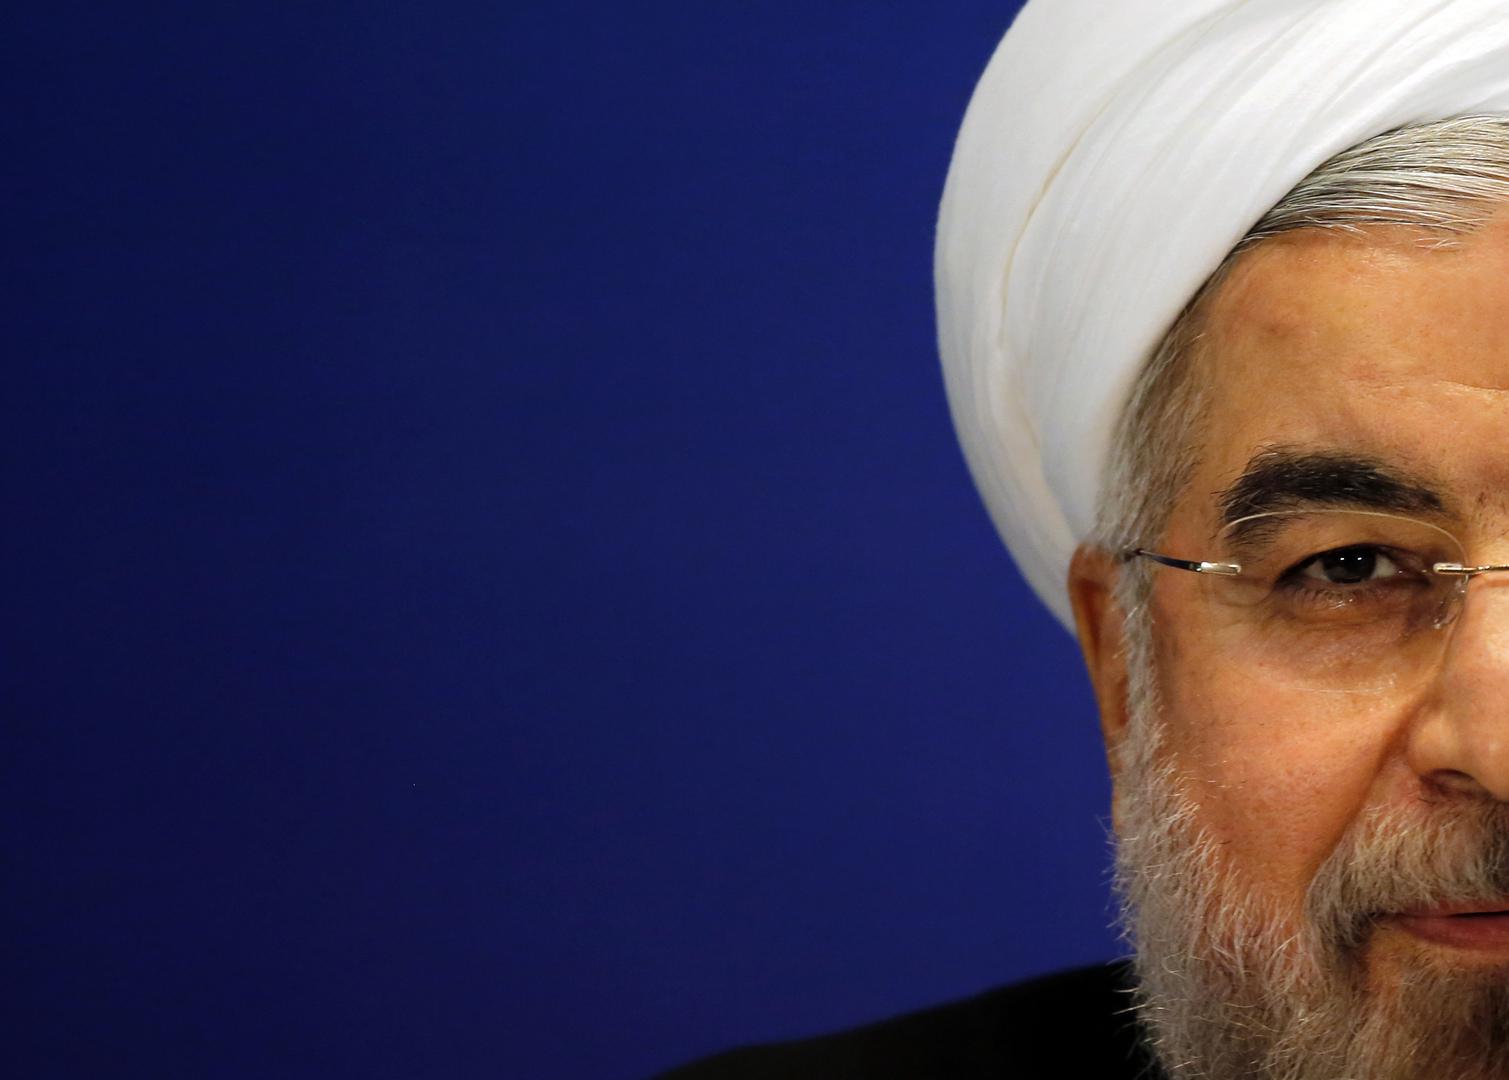 بعد اتهامه على المباشر بتعاطي المخدرات.. التلفزيون الإيراني يعتذر من روحاني